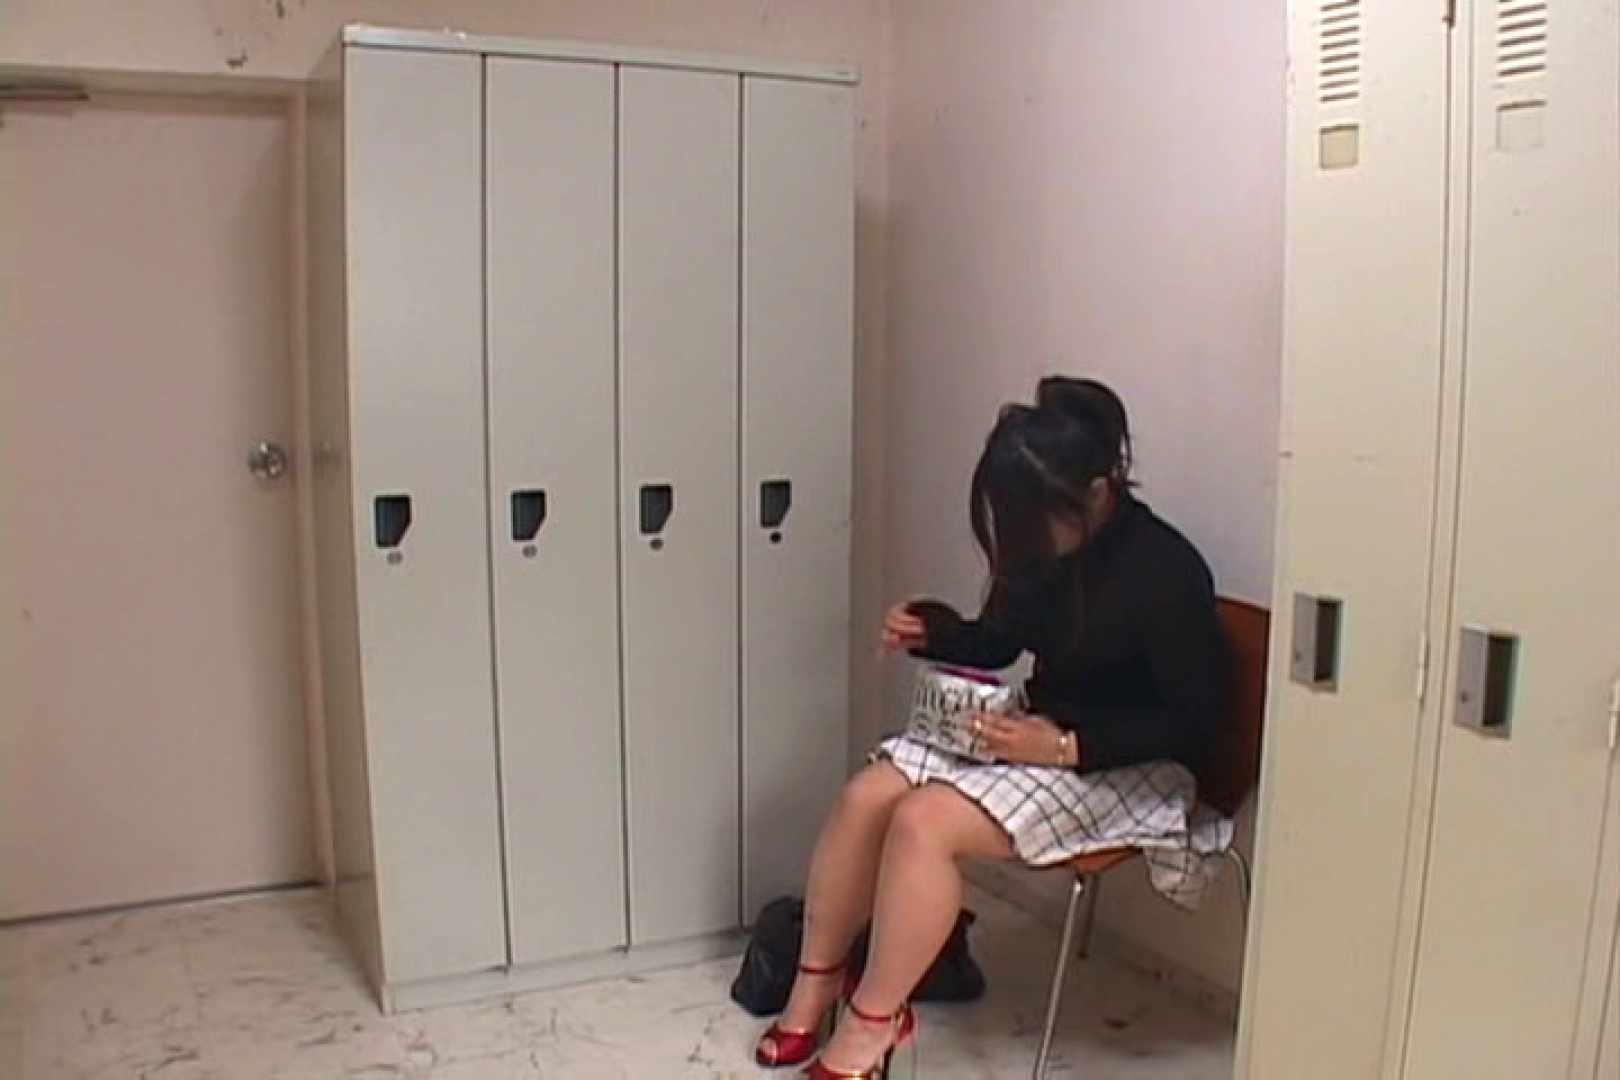 キャバ嬢舞台裏Vol.5 キャバ嬢 | 0  41連発 15